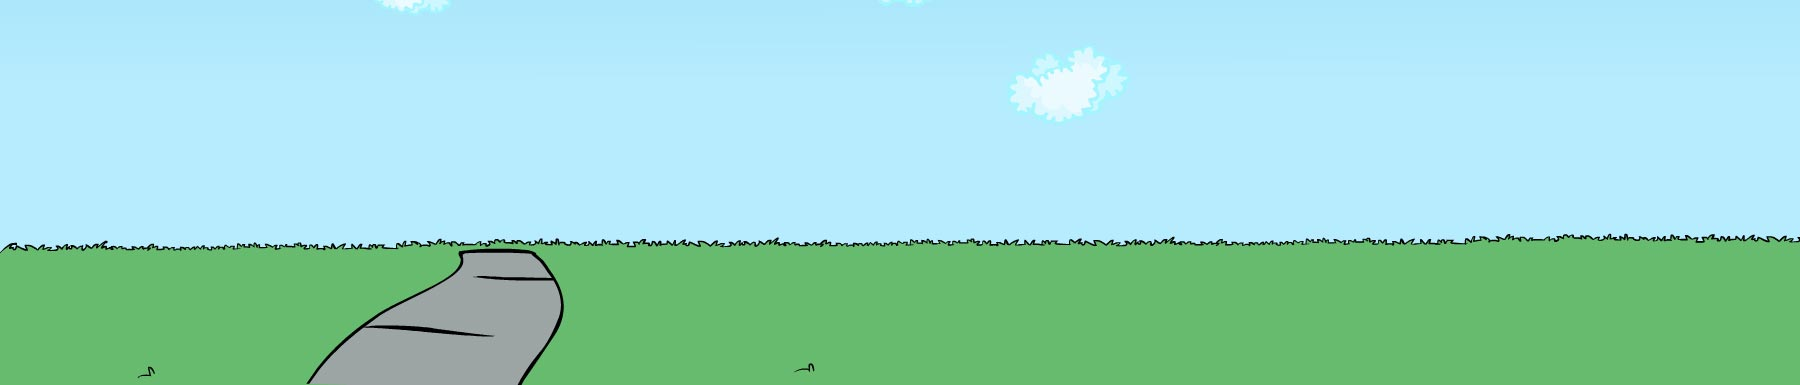 https://images.neopets.com/games/buildabear/level1_1_v2.jpg